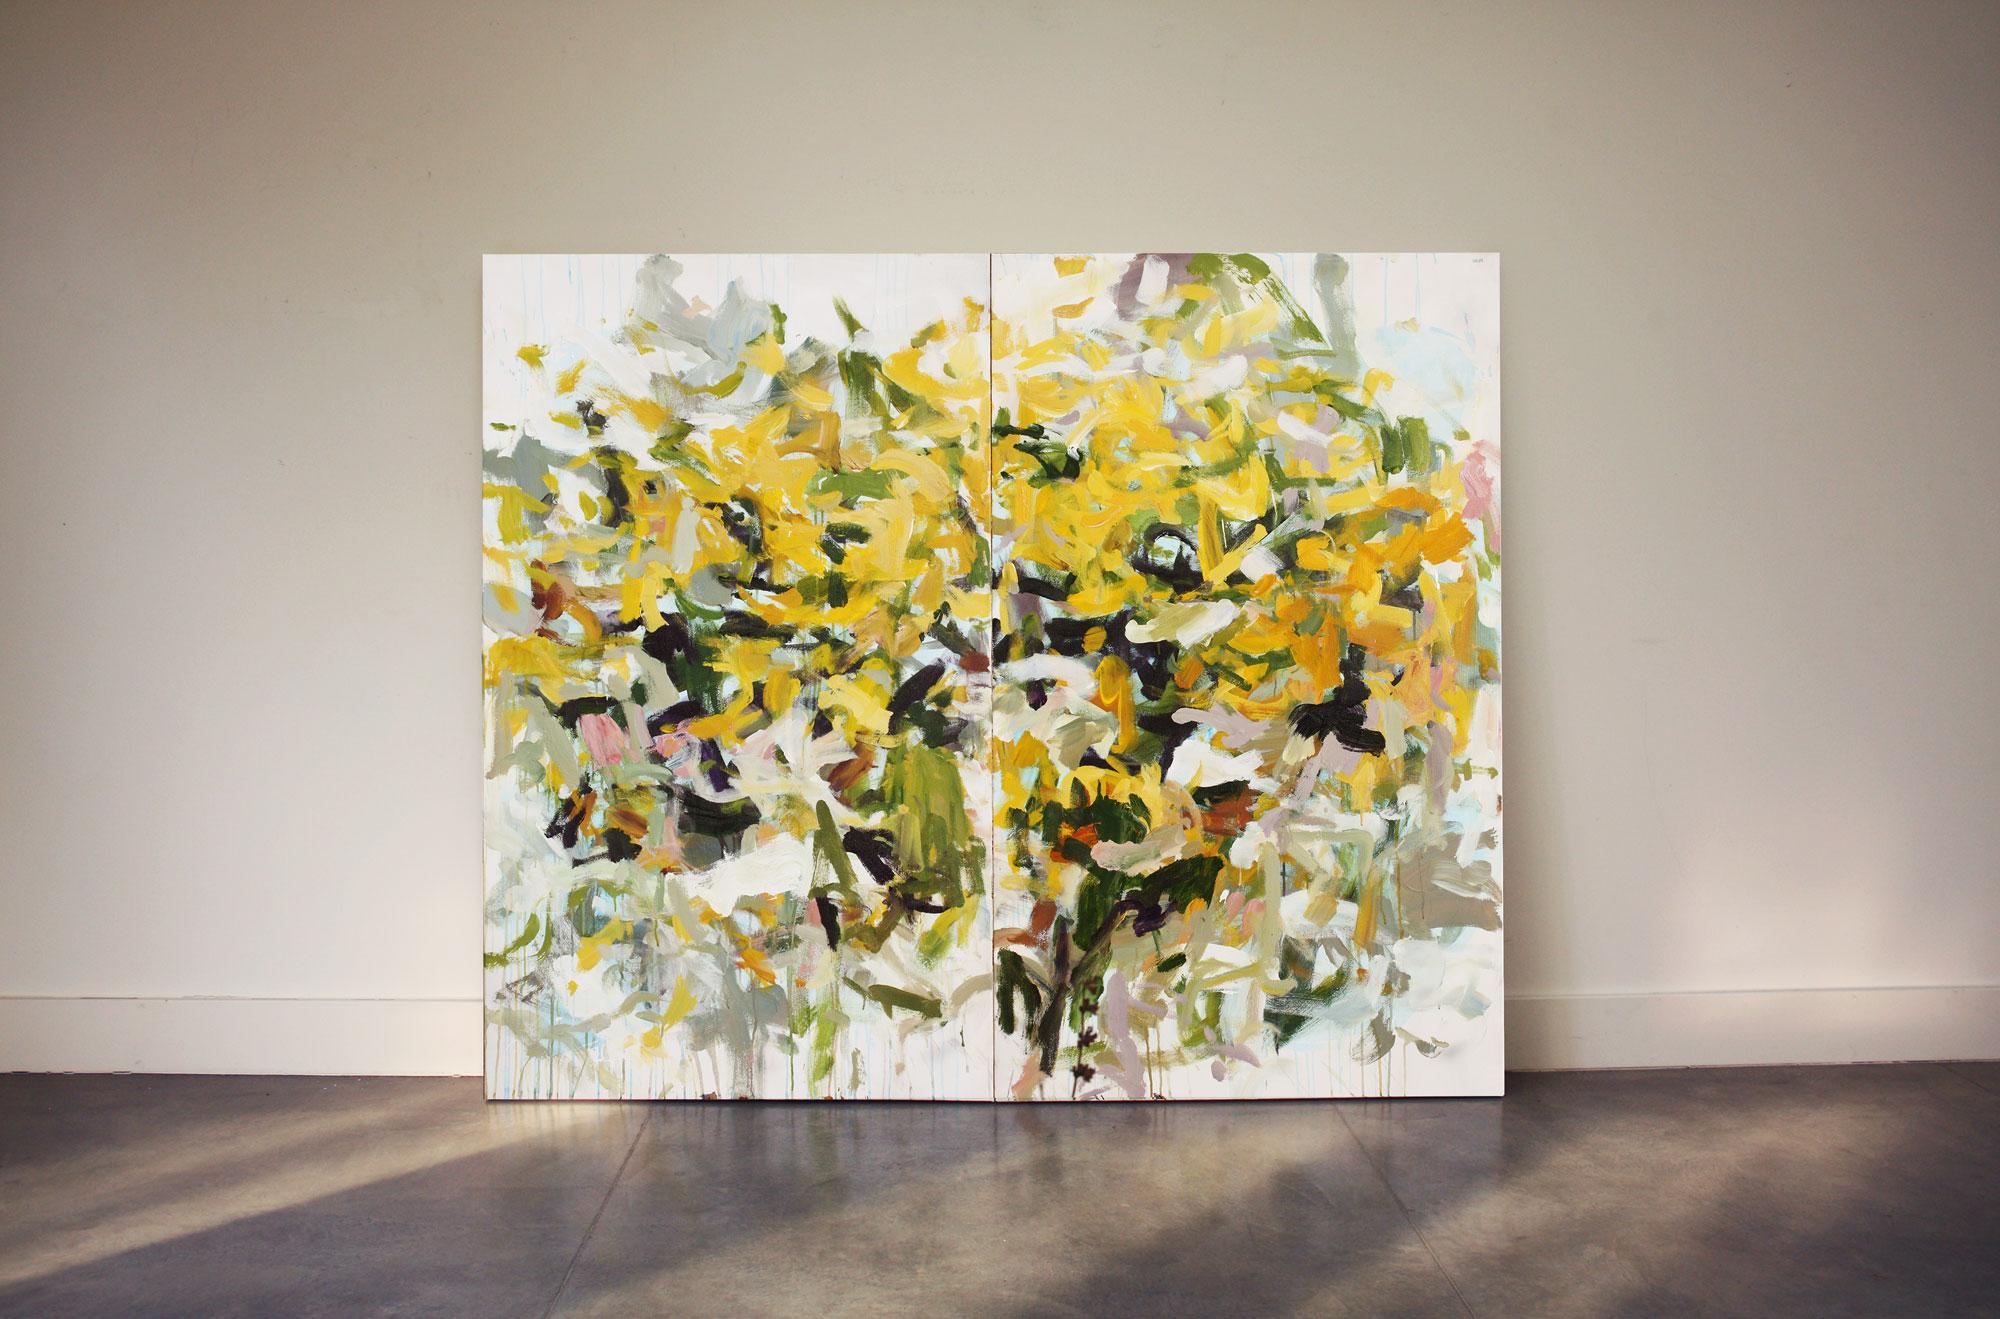 golden rain by abstract artist karen silve